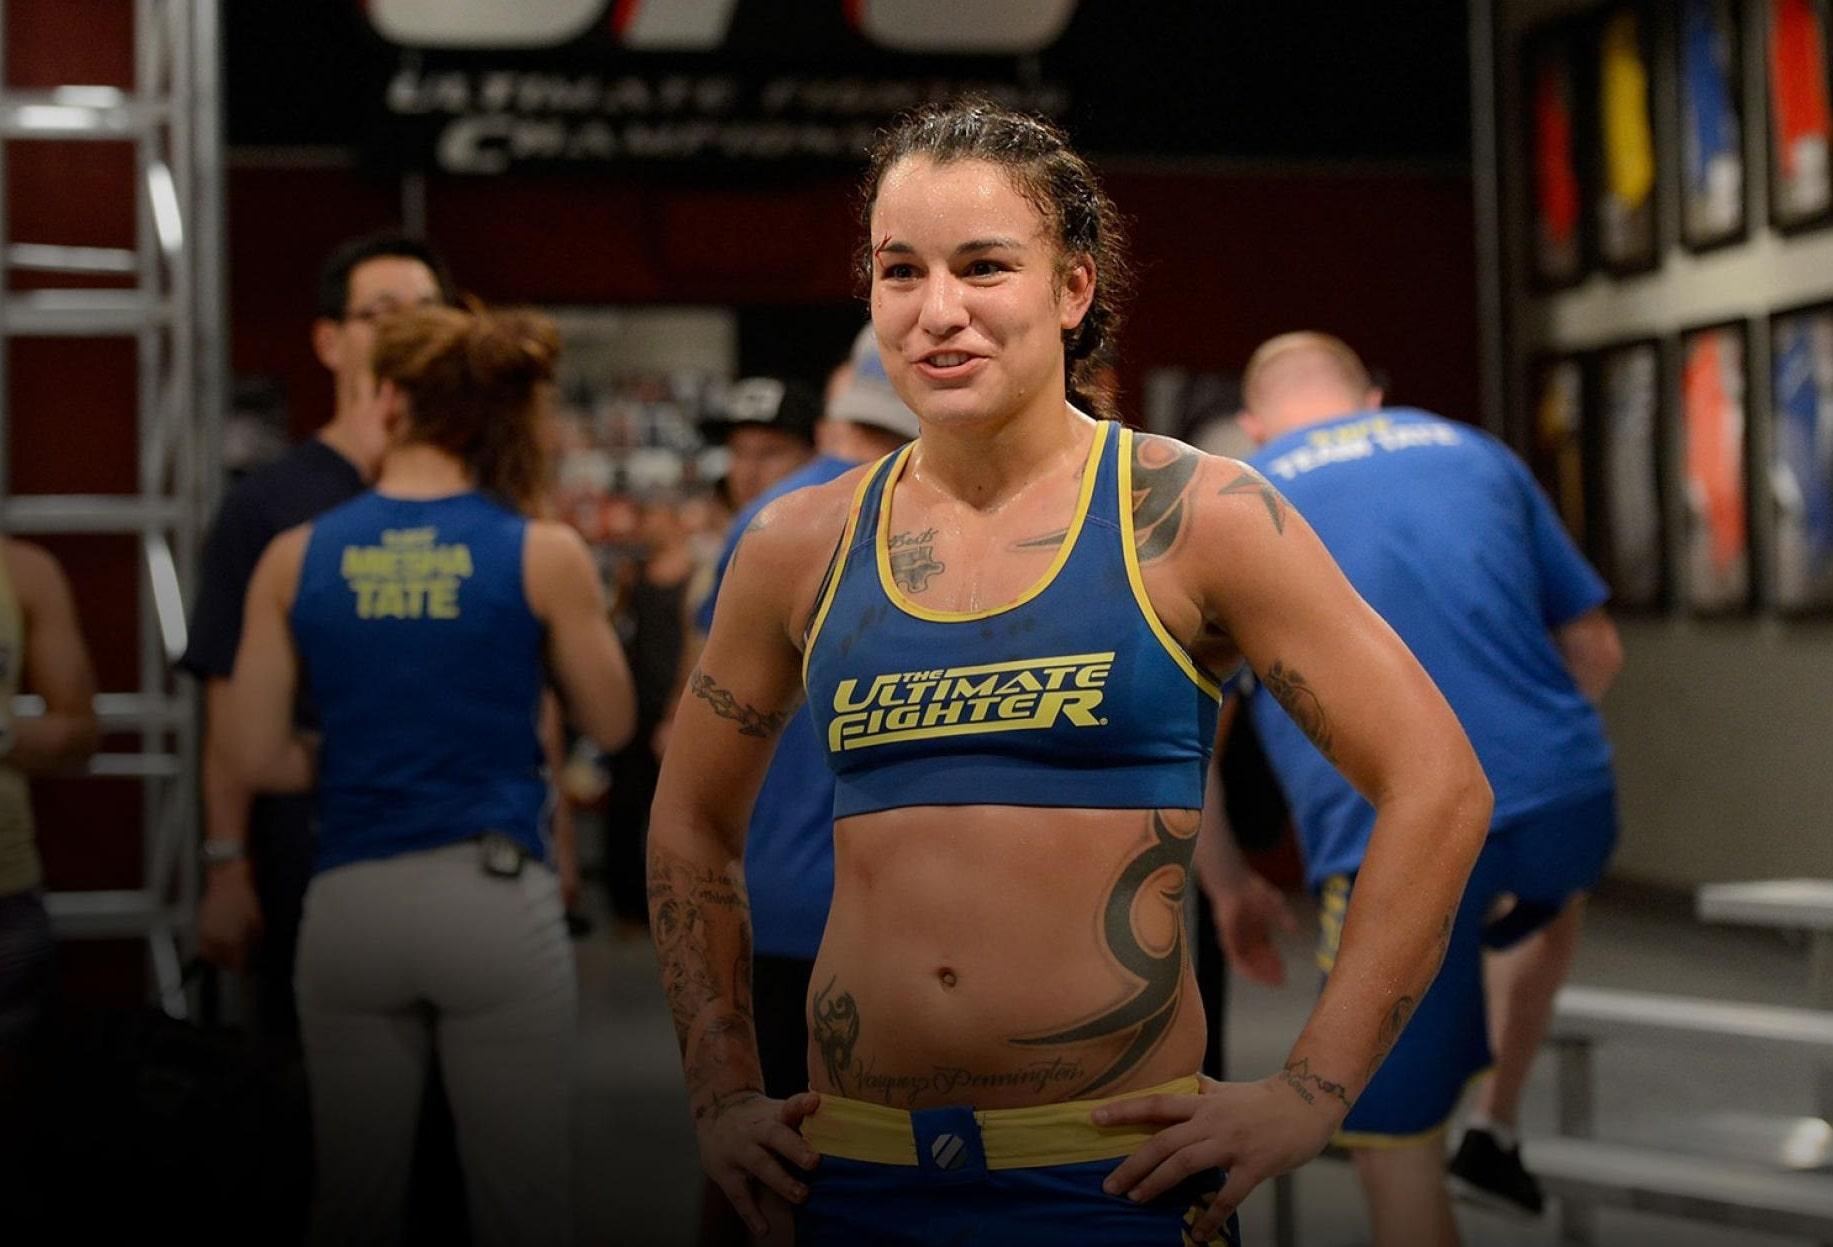 Ракель Пеннингтон - боец UFC в легчайшем весе: статистика, биография и лучшие бои